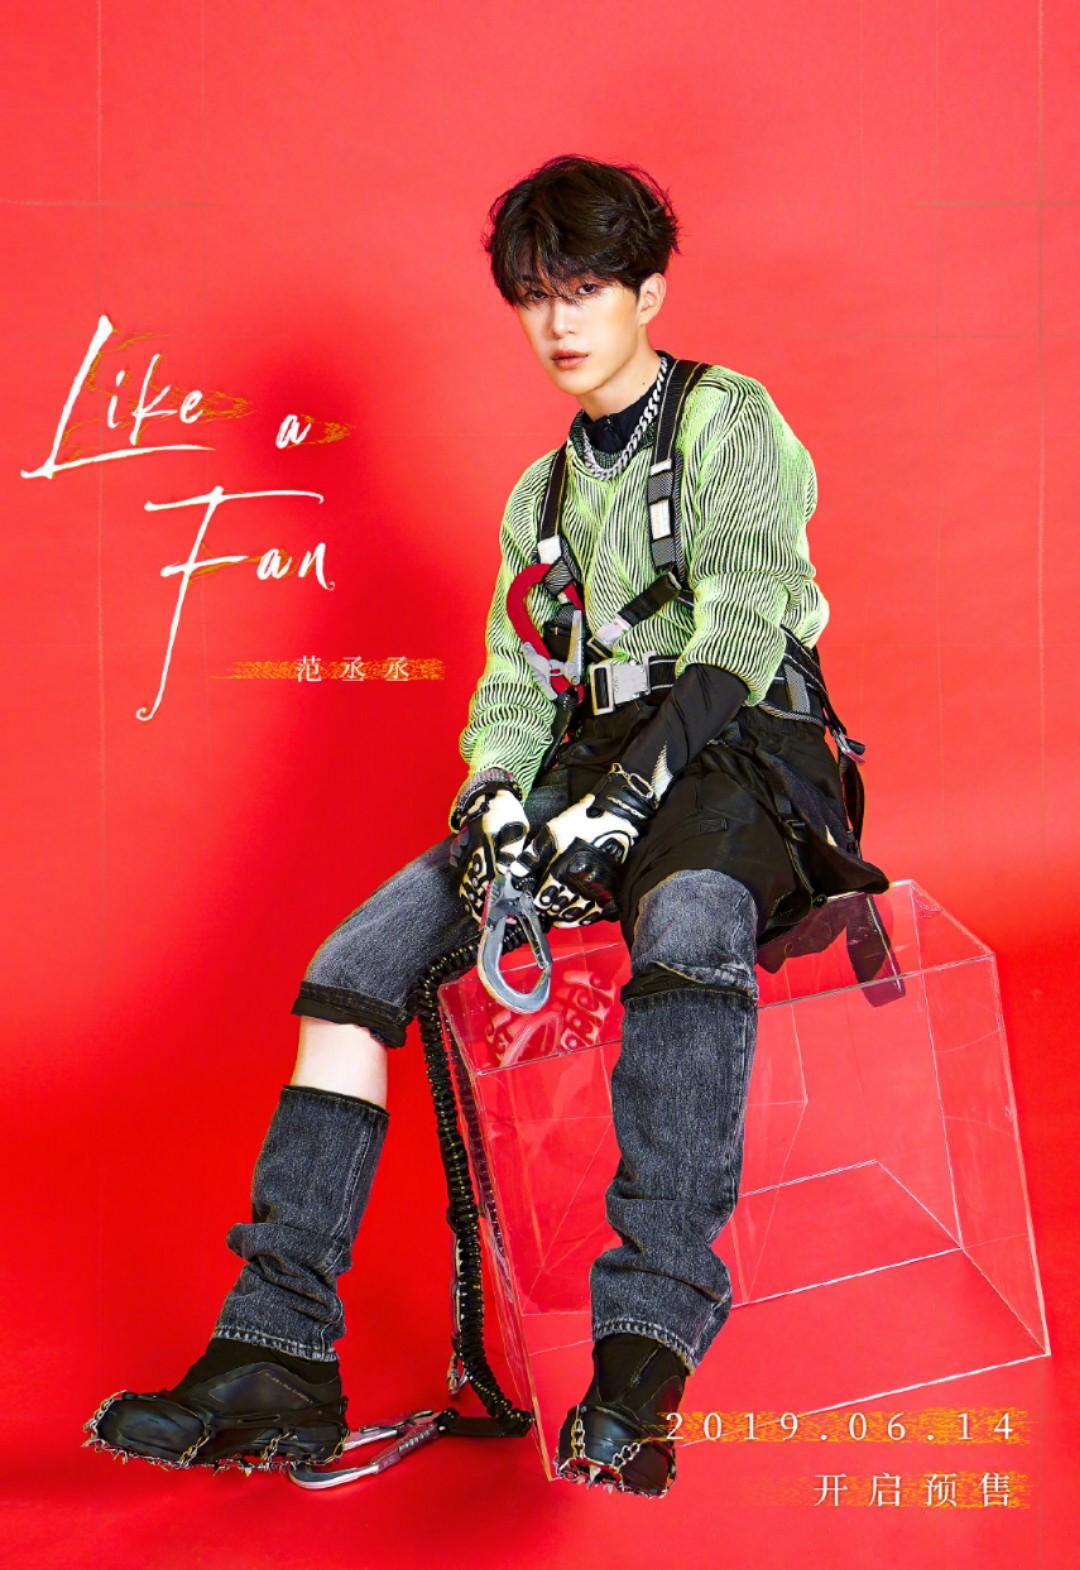 范丞丞首張MINI專輯《Like A Fan》預售 616正式上線